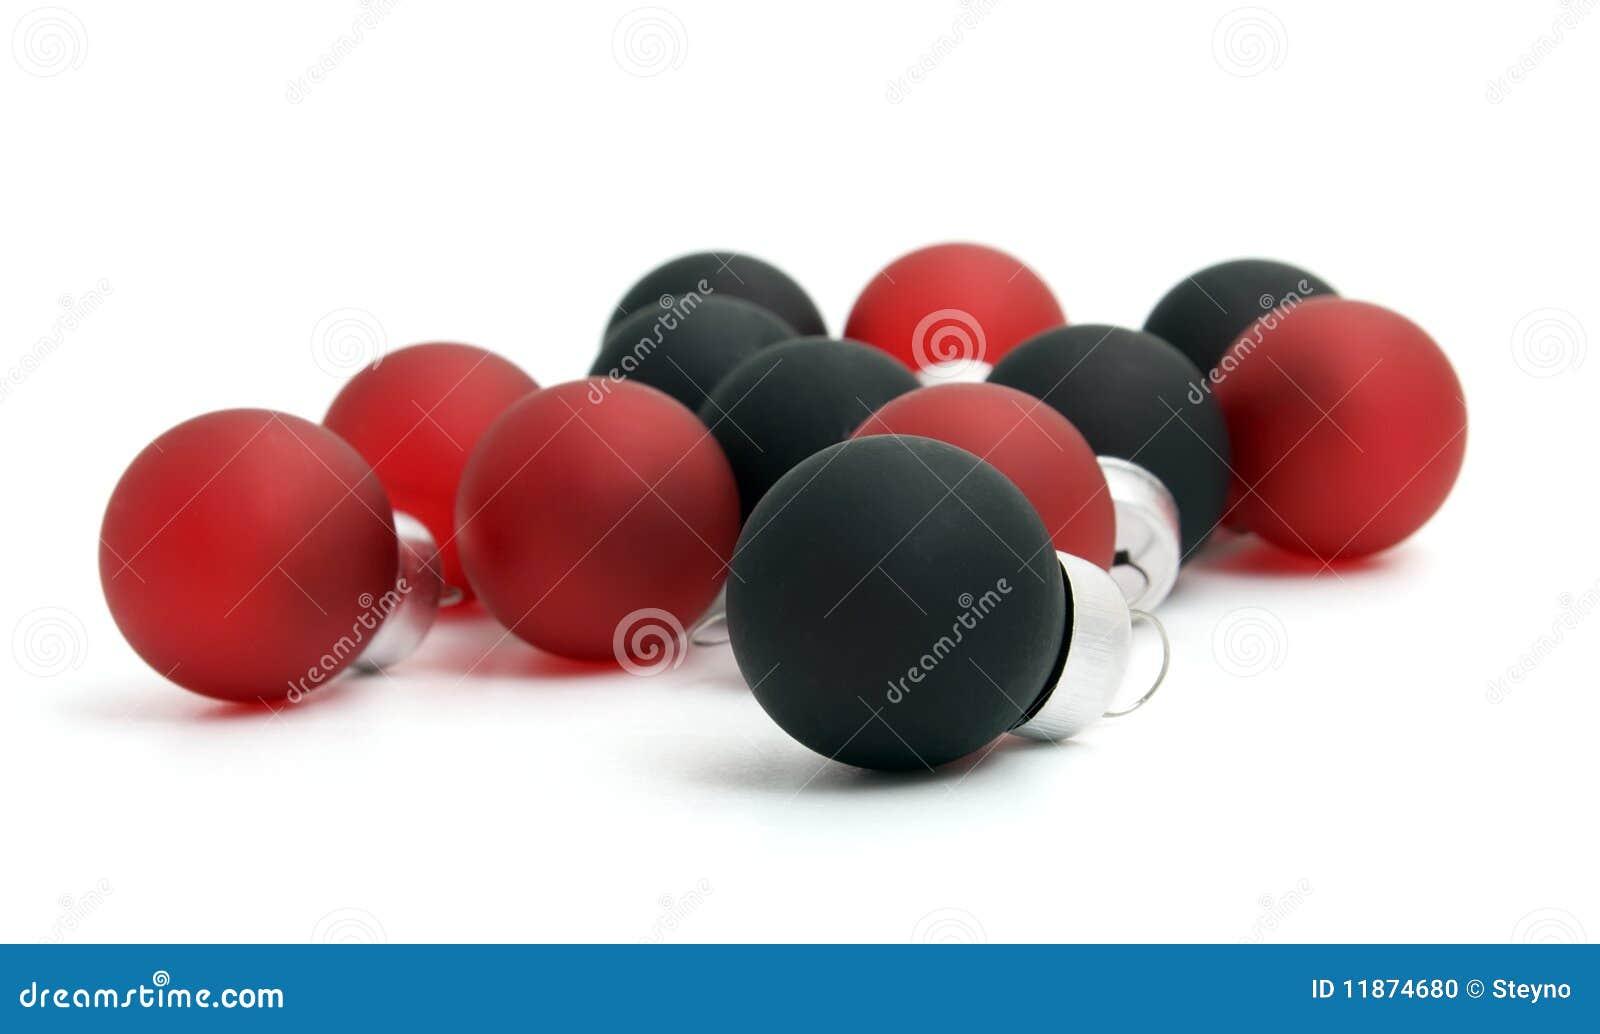 Pile Of Christmas Balls Stock Photo - Image: 11874680